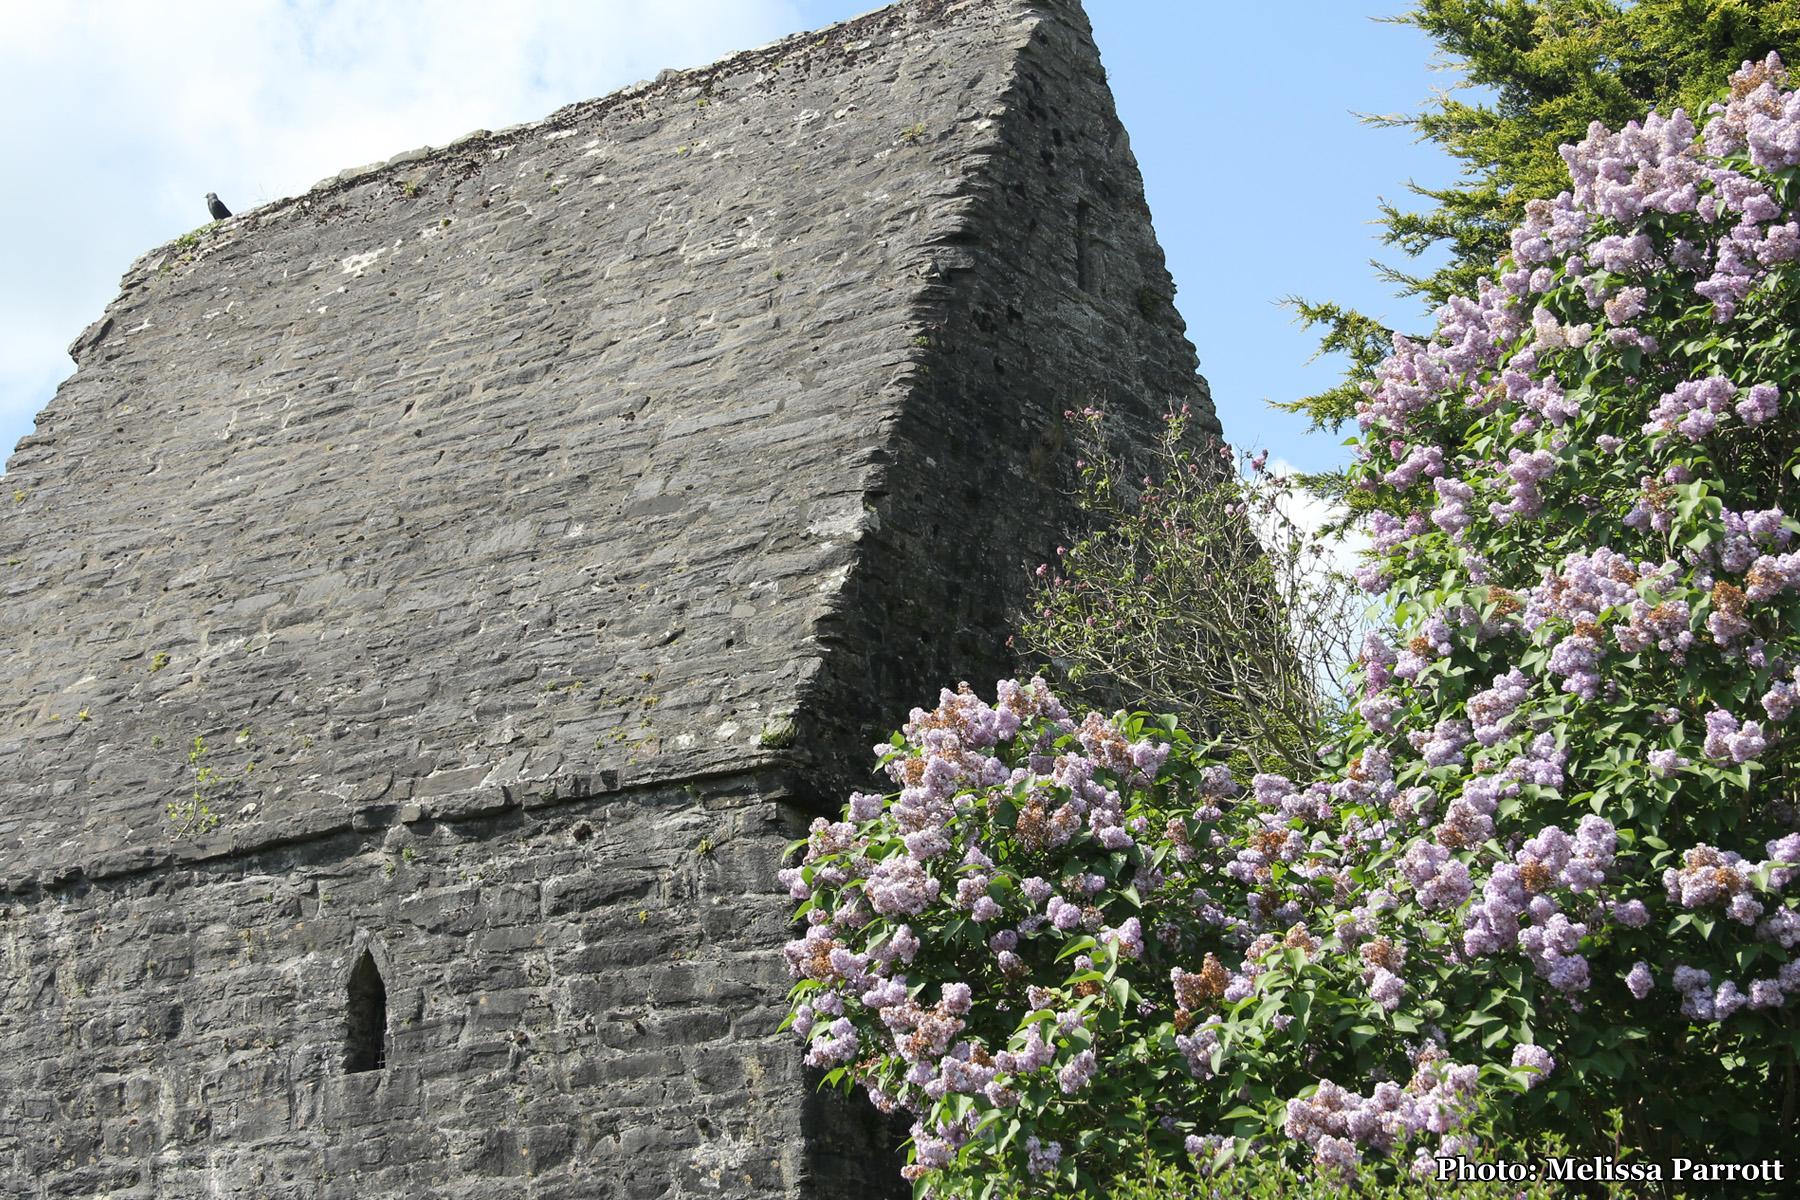 Vikings, Rebels, Saints and Scribes: The Heritage Town of Kells